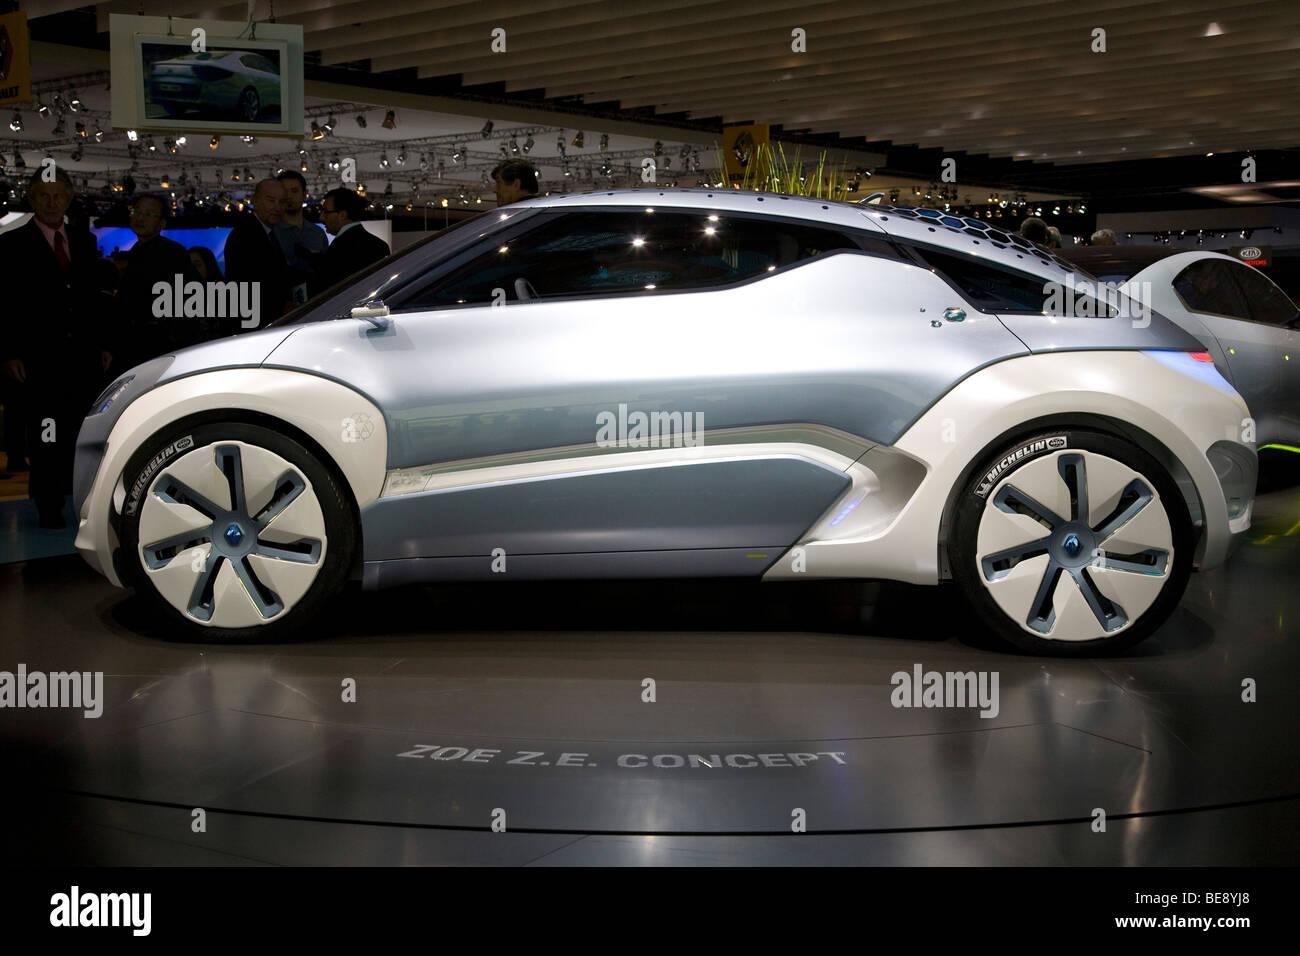 Renault Zoe ZE Concept voiture électrique à un salon de l'automobile européenne Photo Stock